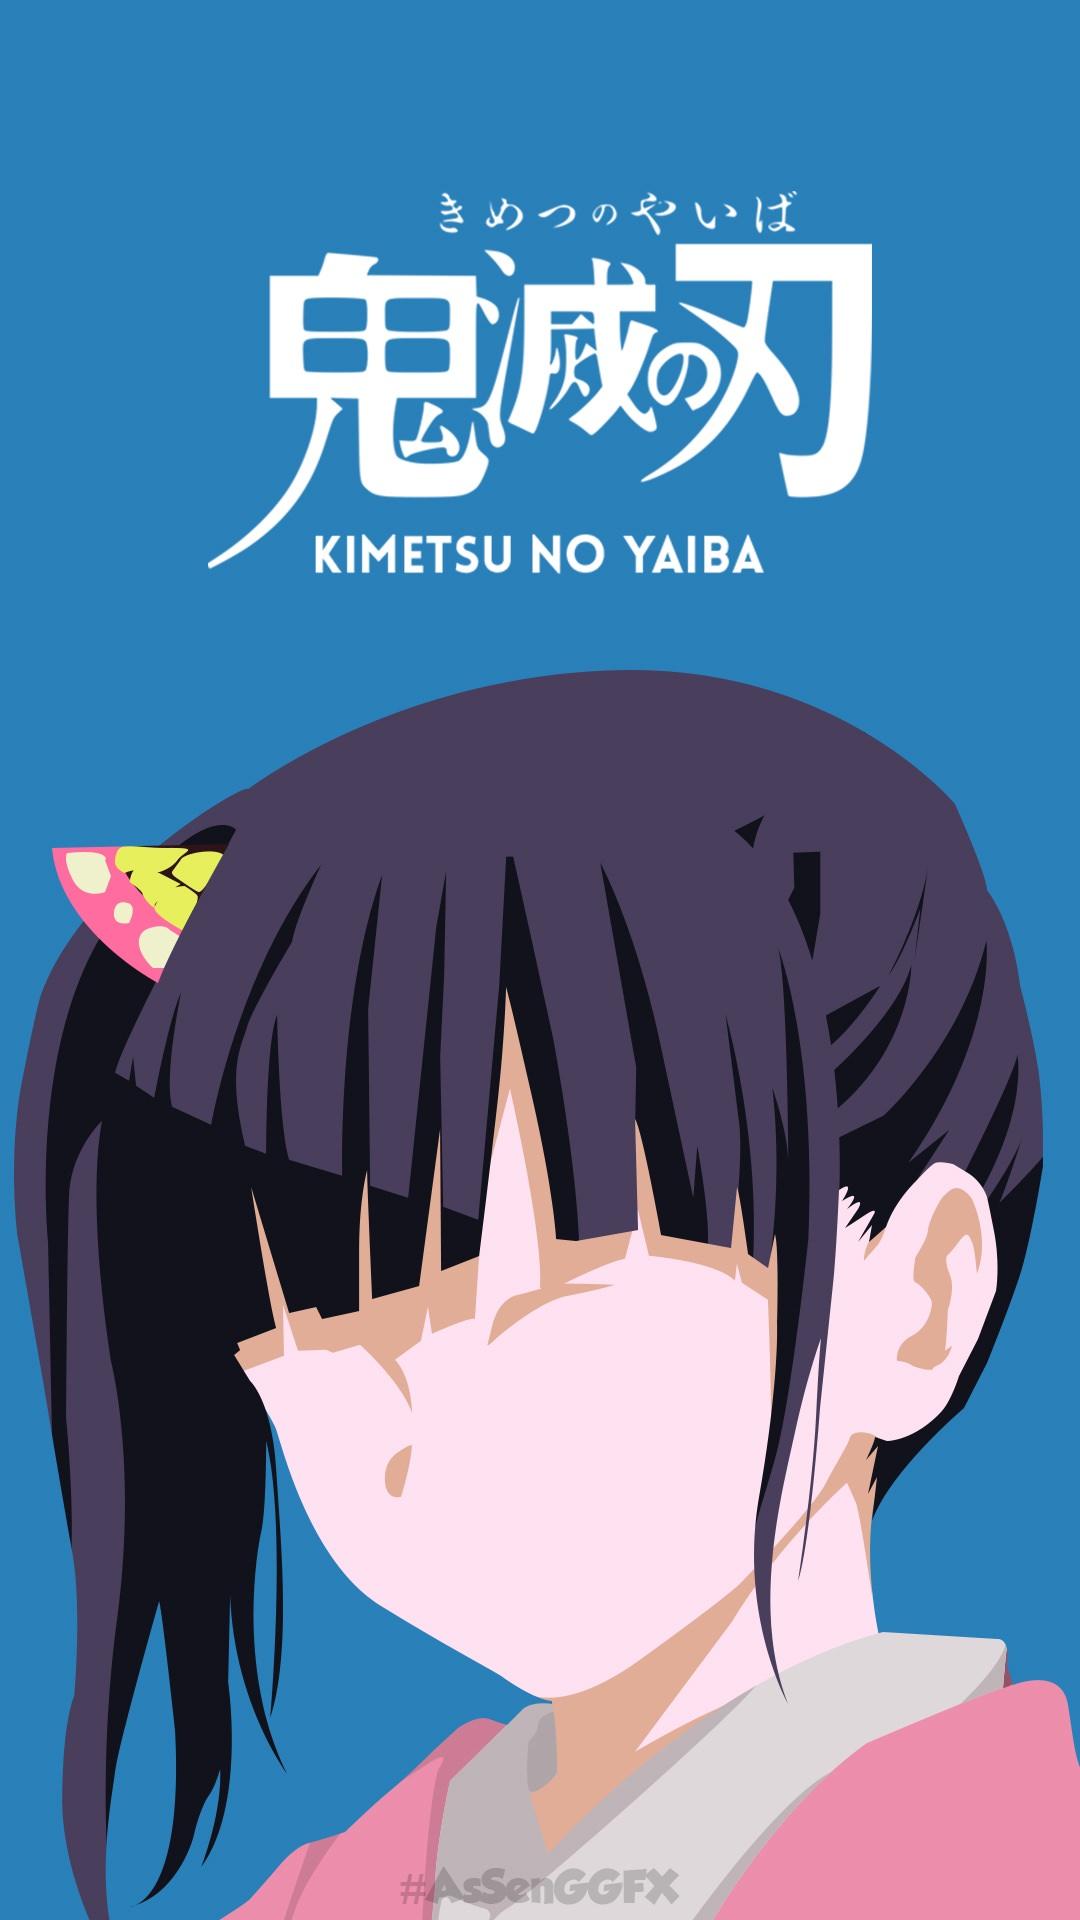 kimetsu21 - 鬼滅の刃の高画質スマホ壁紙53枚 [iPhone&Androidに対応]